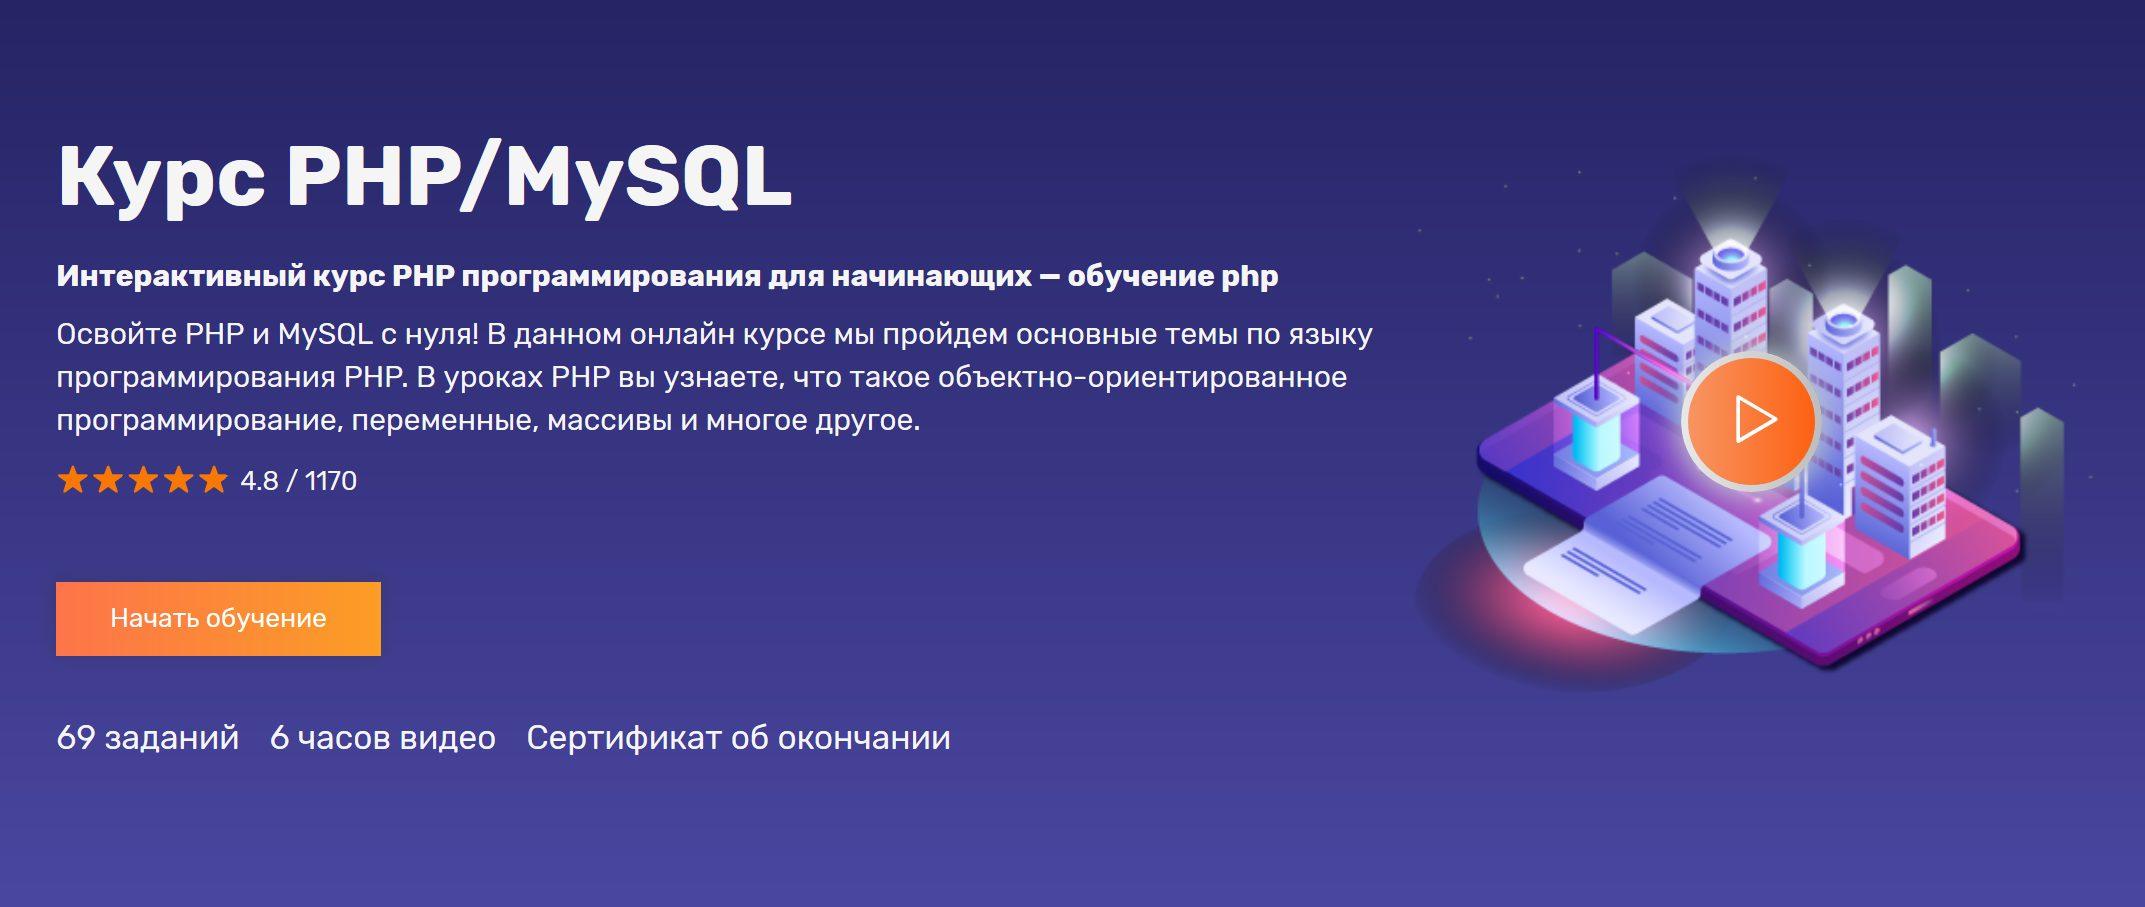 Курс PHPMySQL. Уроки PHPMySQL программирования веб-сайтов для начинающих с нуля — Обучение PHP онлайн с интерактивными уроками на FructCode